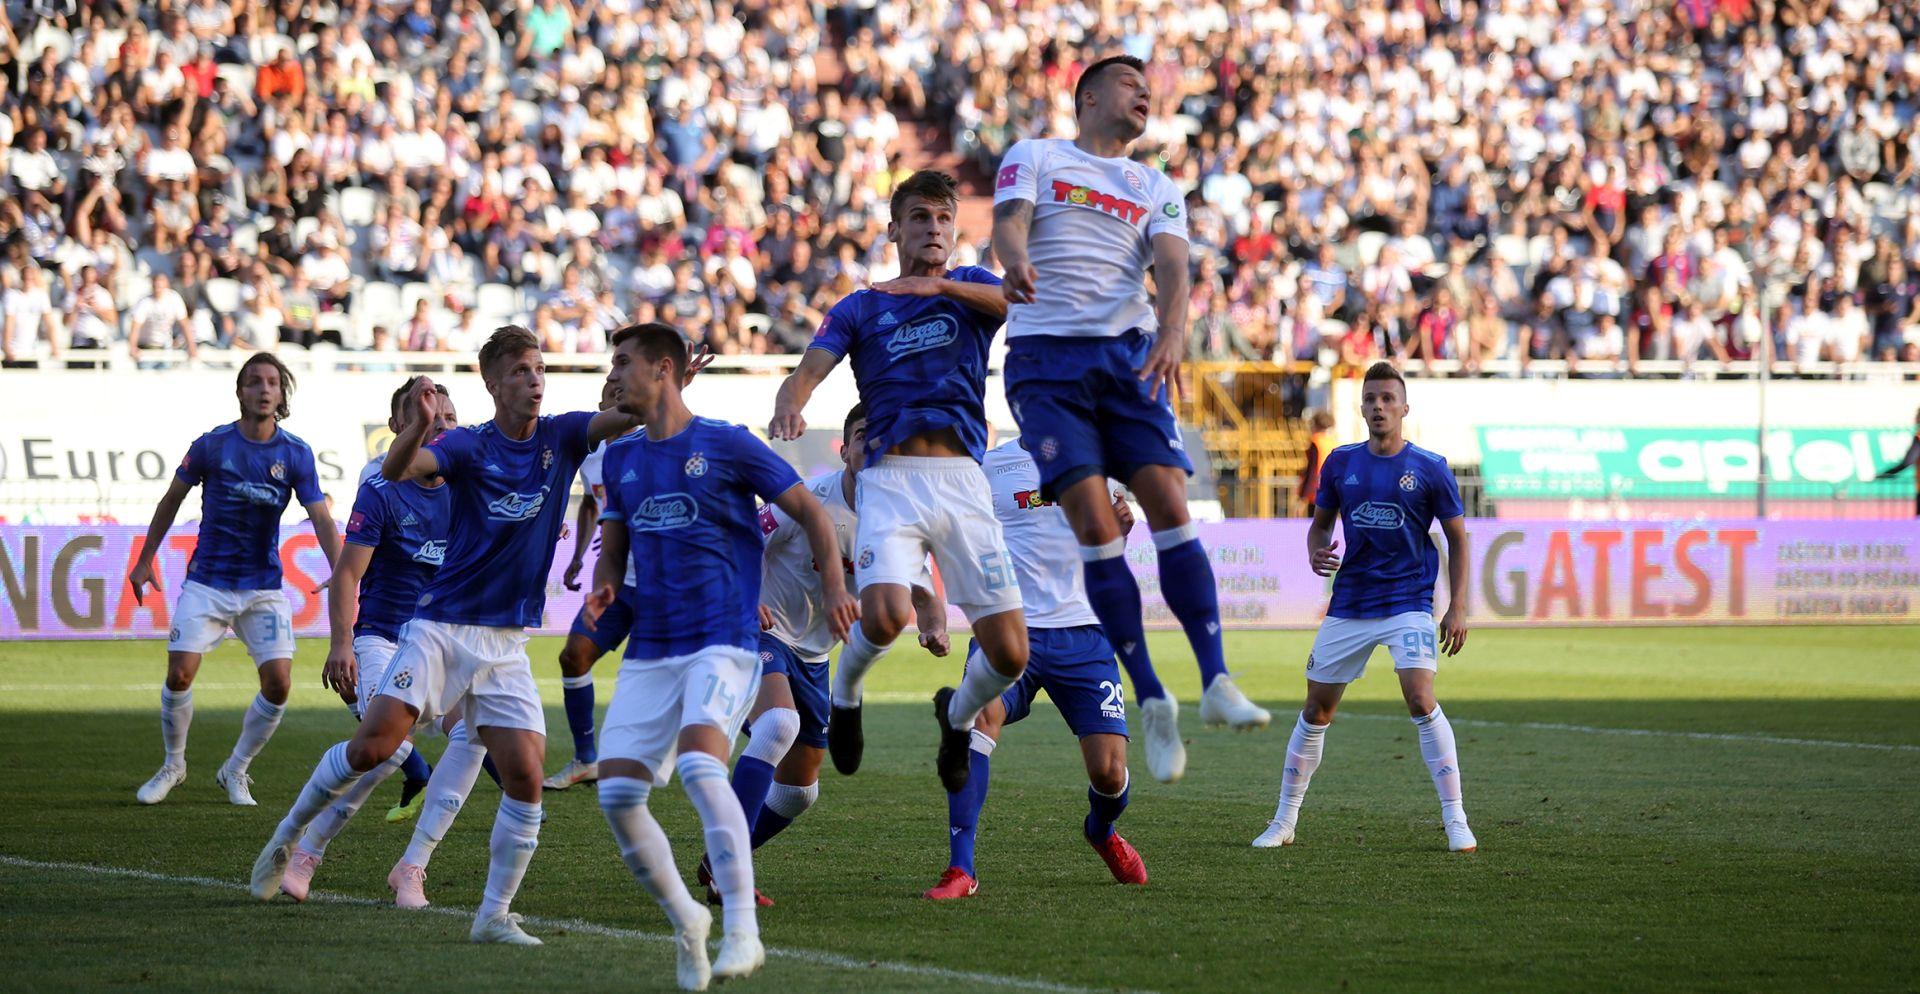 SIROMAŠAN DERBI Hajduk – Dinamo 0-0